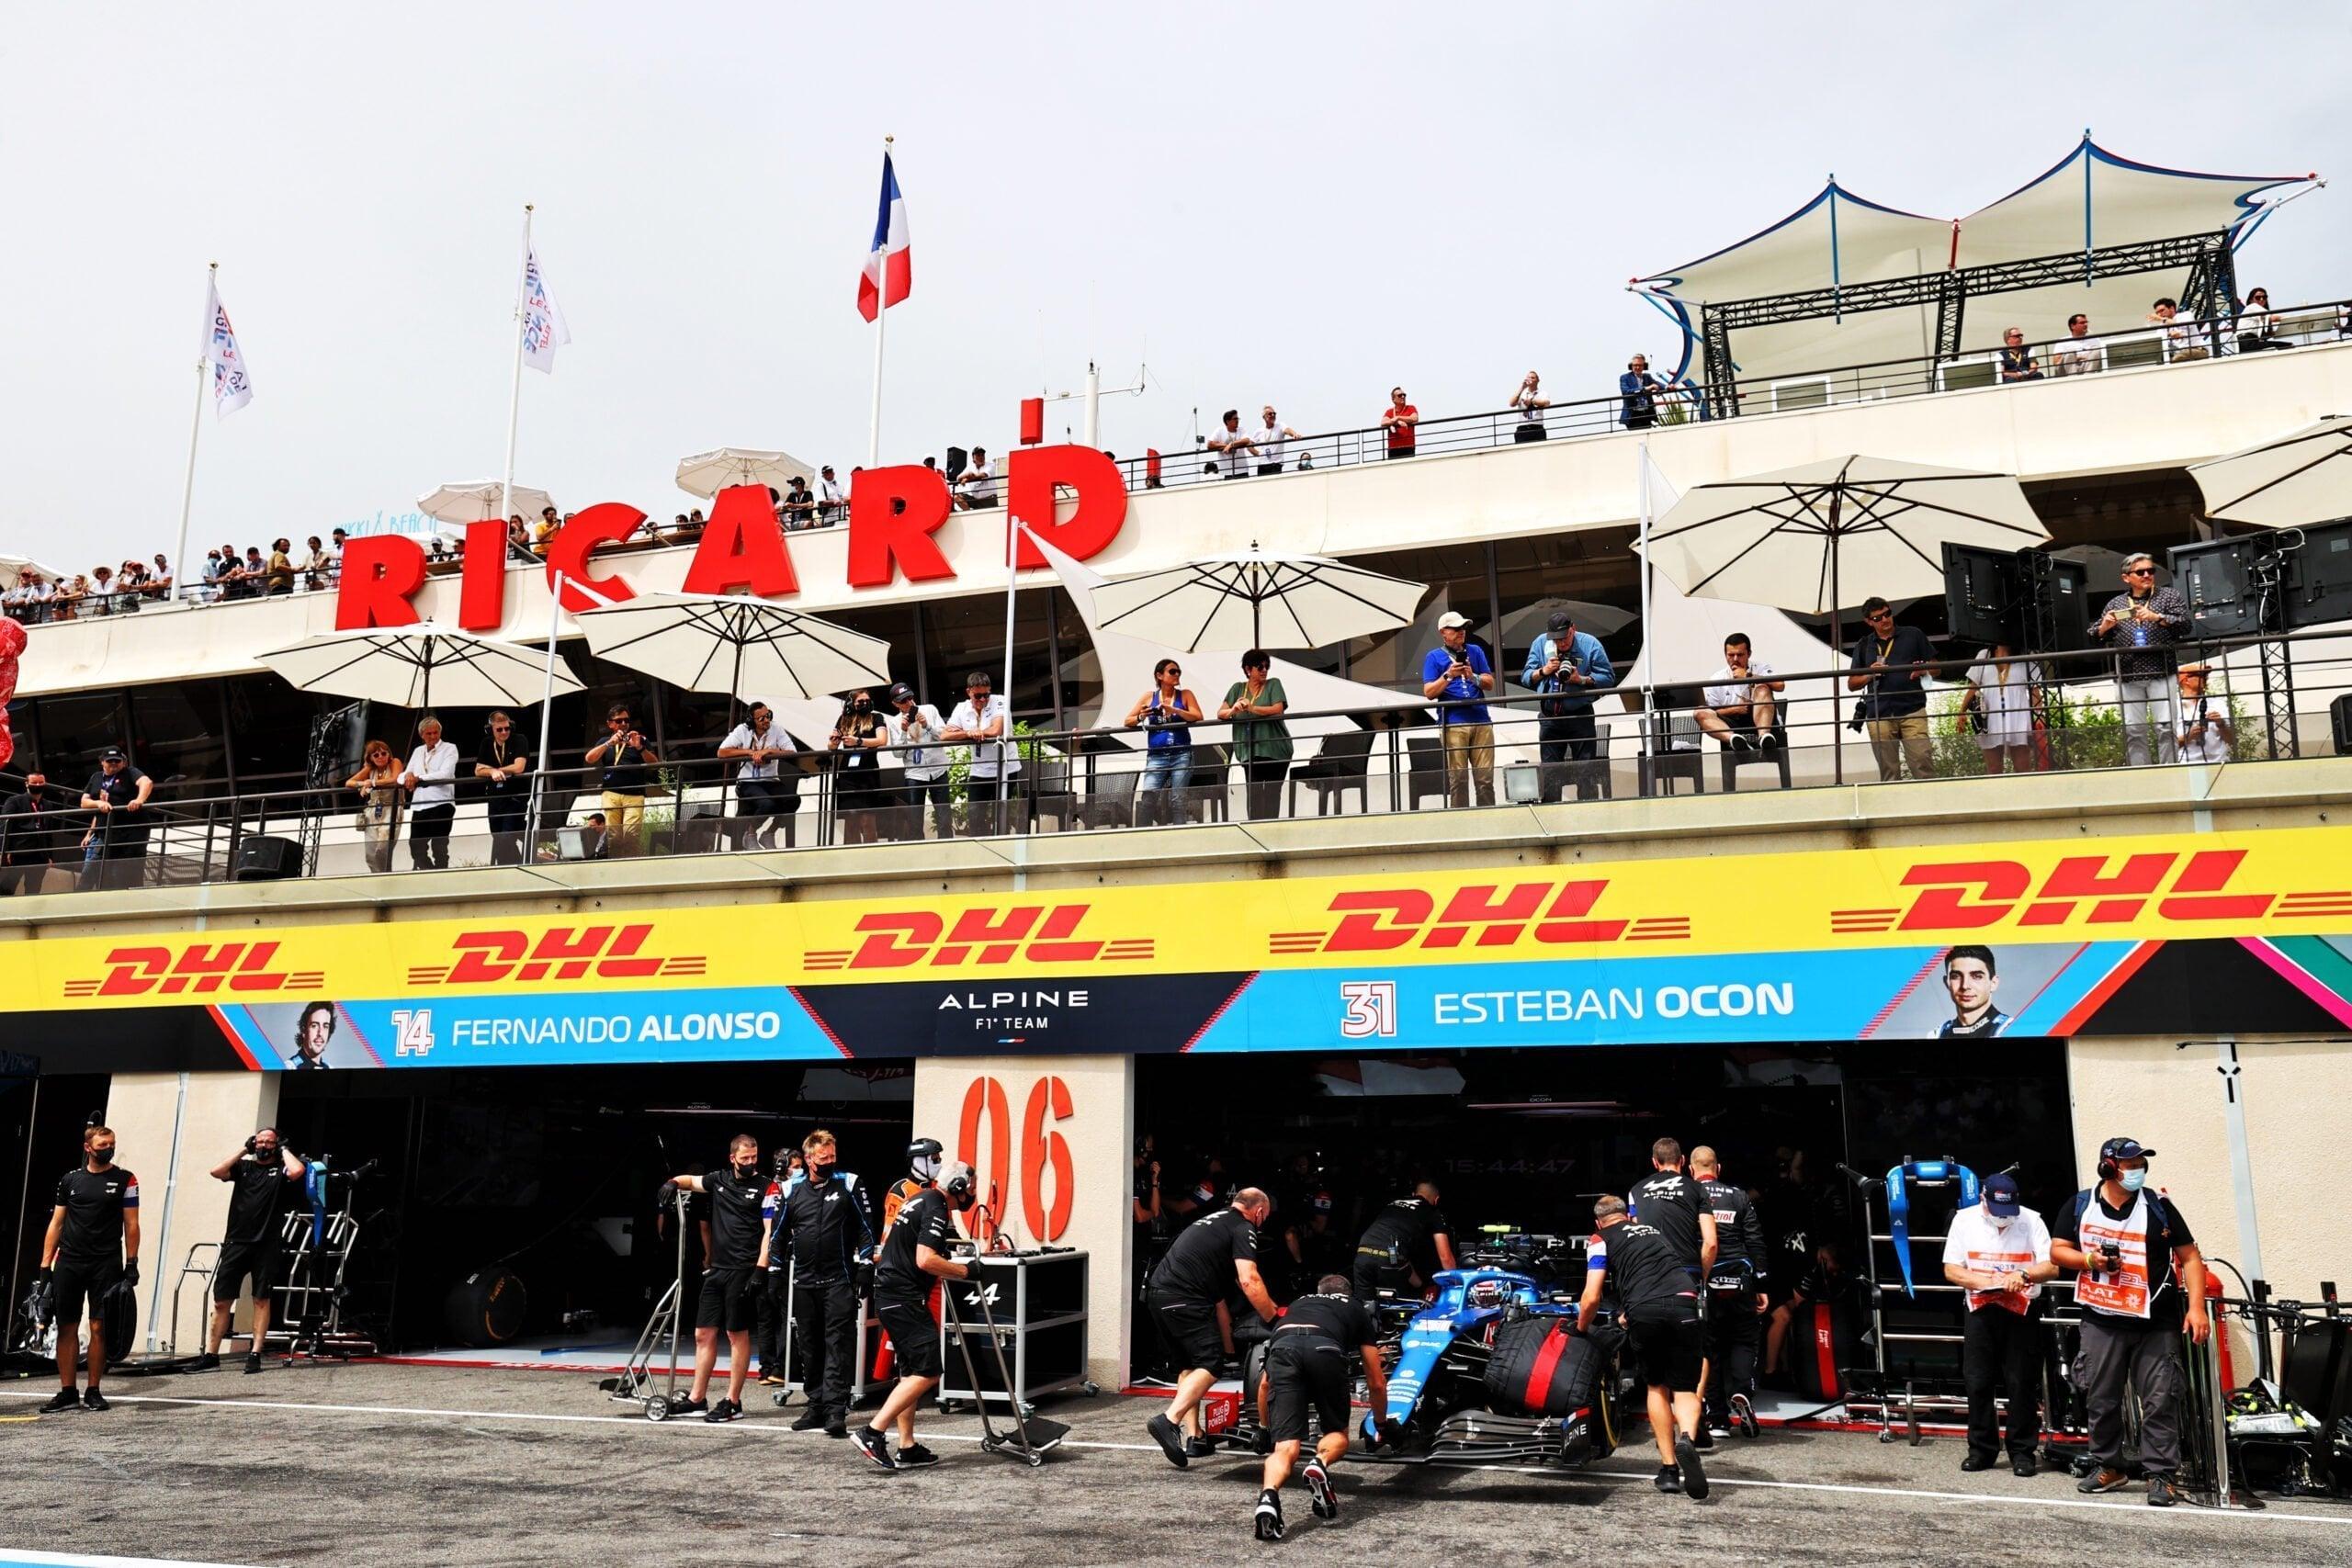 Alpine F1 Team A521 Alonso Ocon Castellet GP FRance 2021 1 scaled   Alpine F1 : Alonso entre en Q3, Ocon bloque en Q2 au Grand-Prix de France